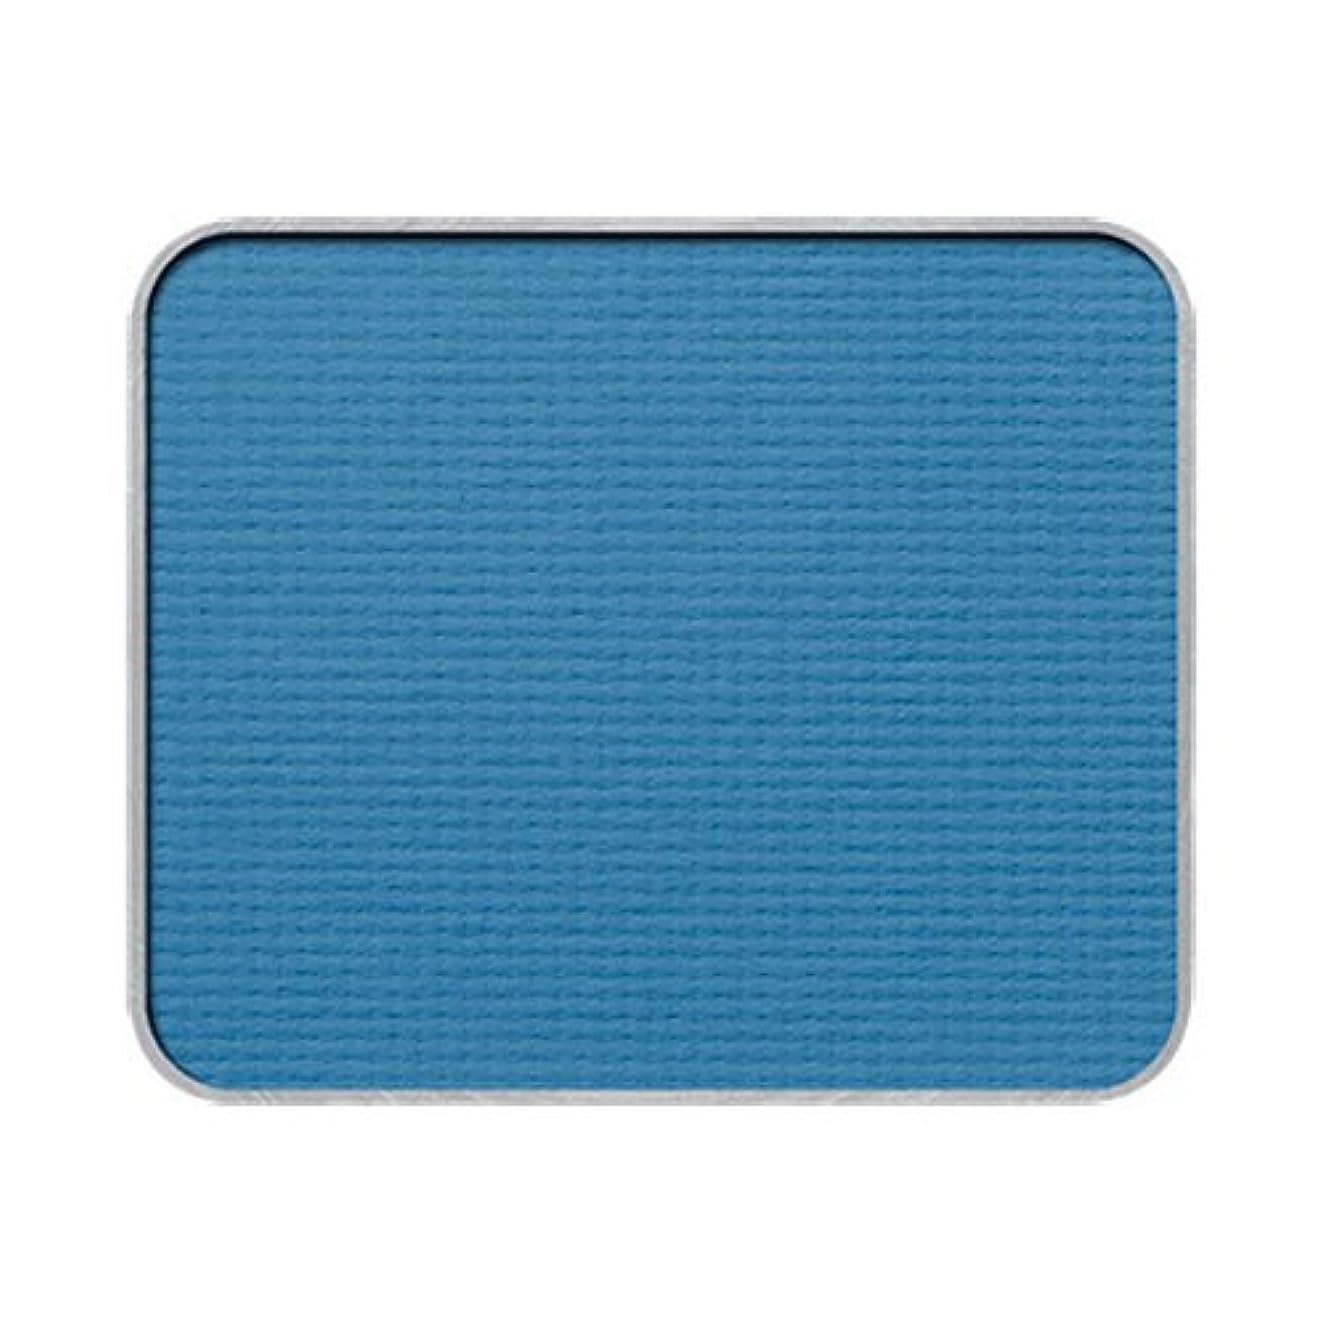 命題洗練されたセミナープレスド アイシャドー (レフィル) M ブルー 660